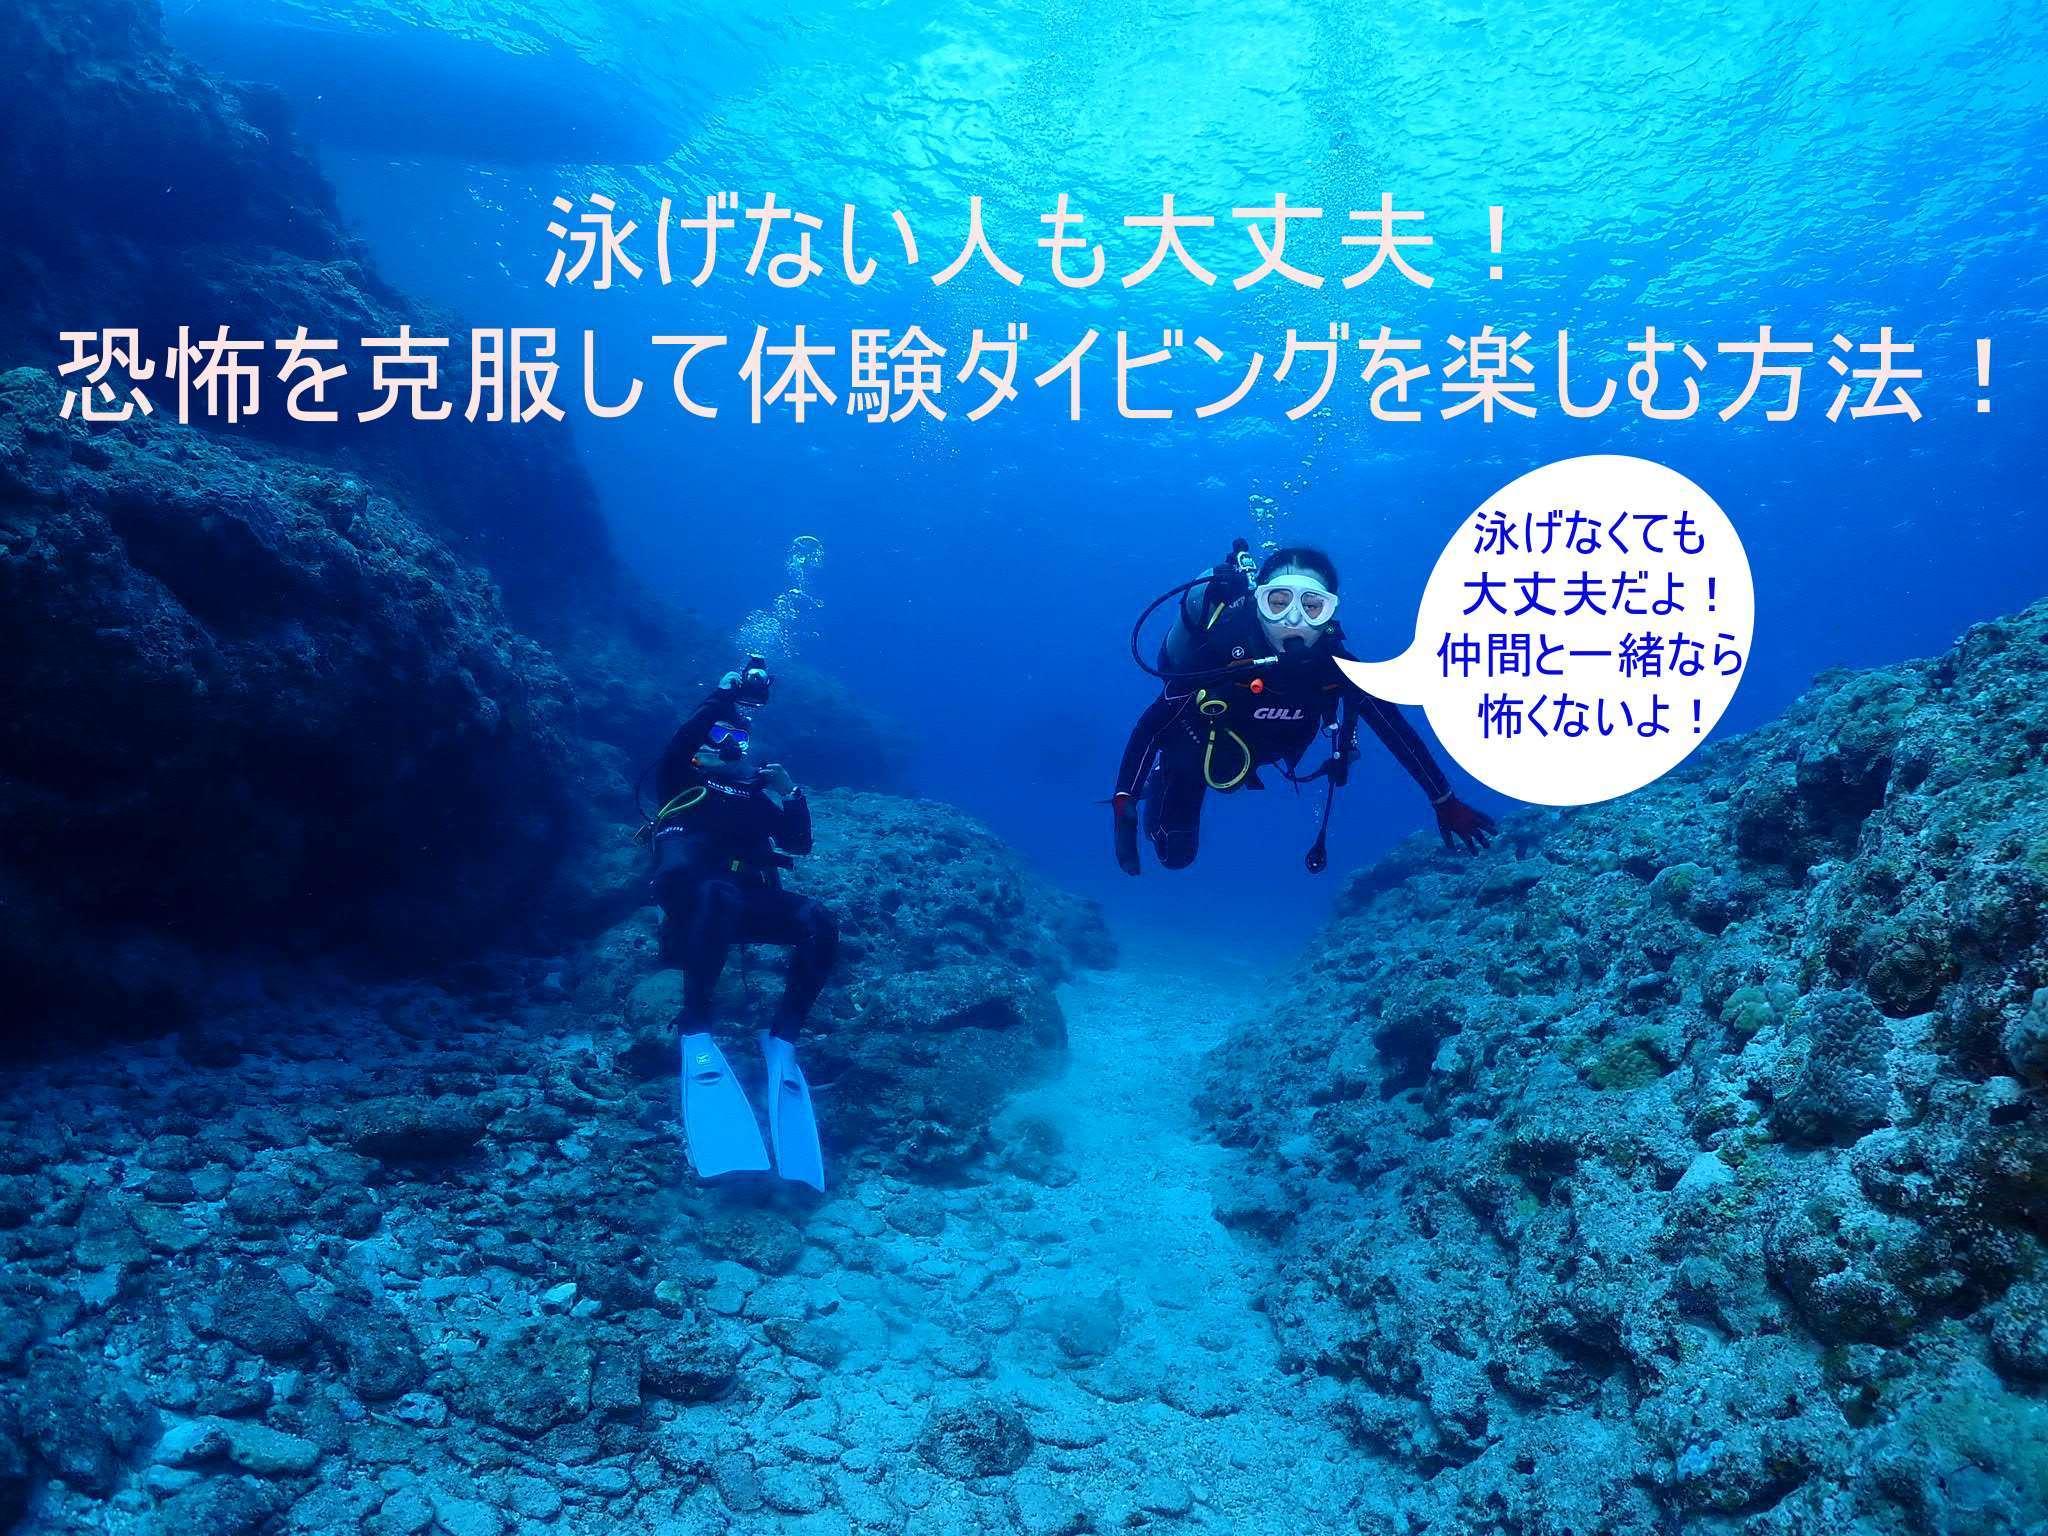 泳げない人も大丈夫!恐怖を克服して体験ダイビングを楽しむ方法!